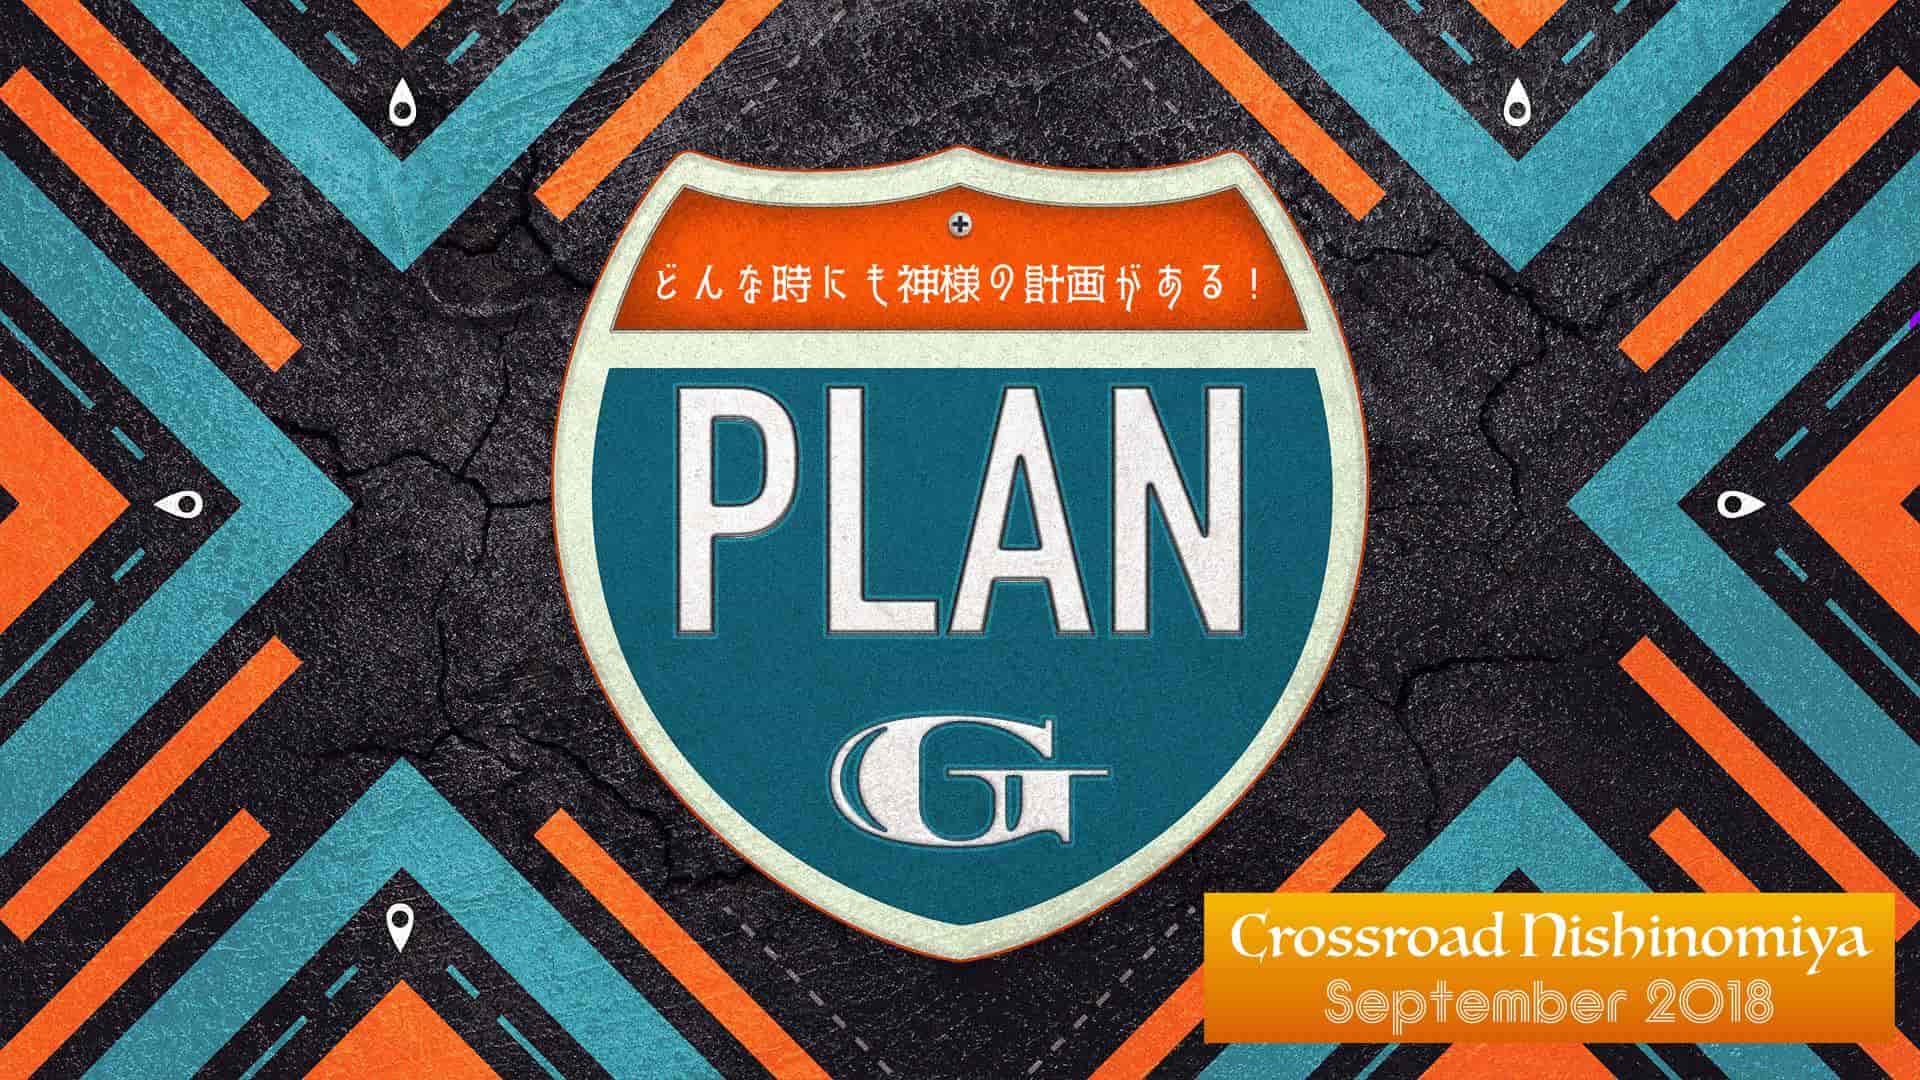 西宮クロスロード教会のメッセージシリーズ「PLAN G」